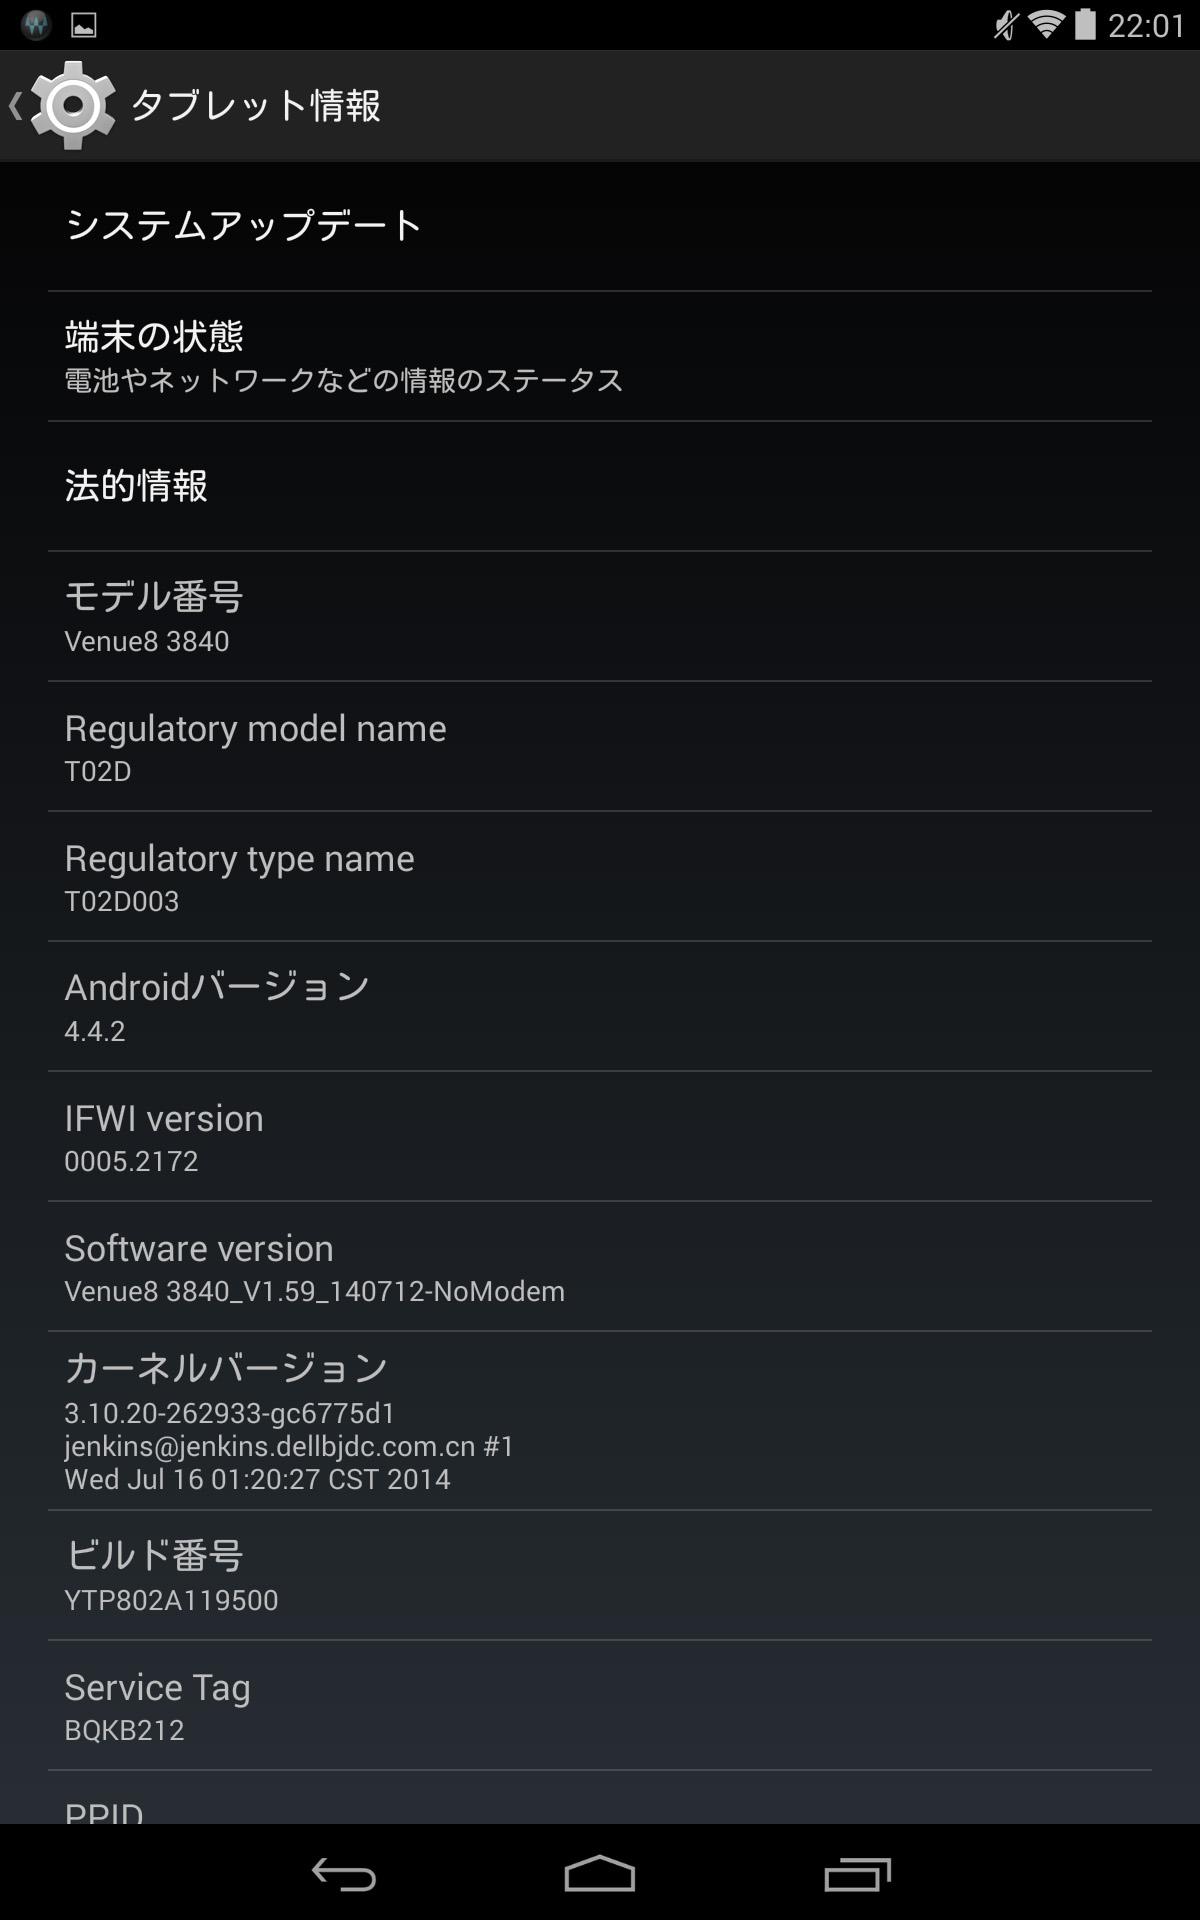 設定/タブレット情報。バージョンは4.4.2